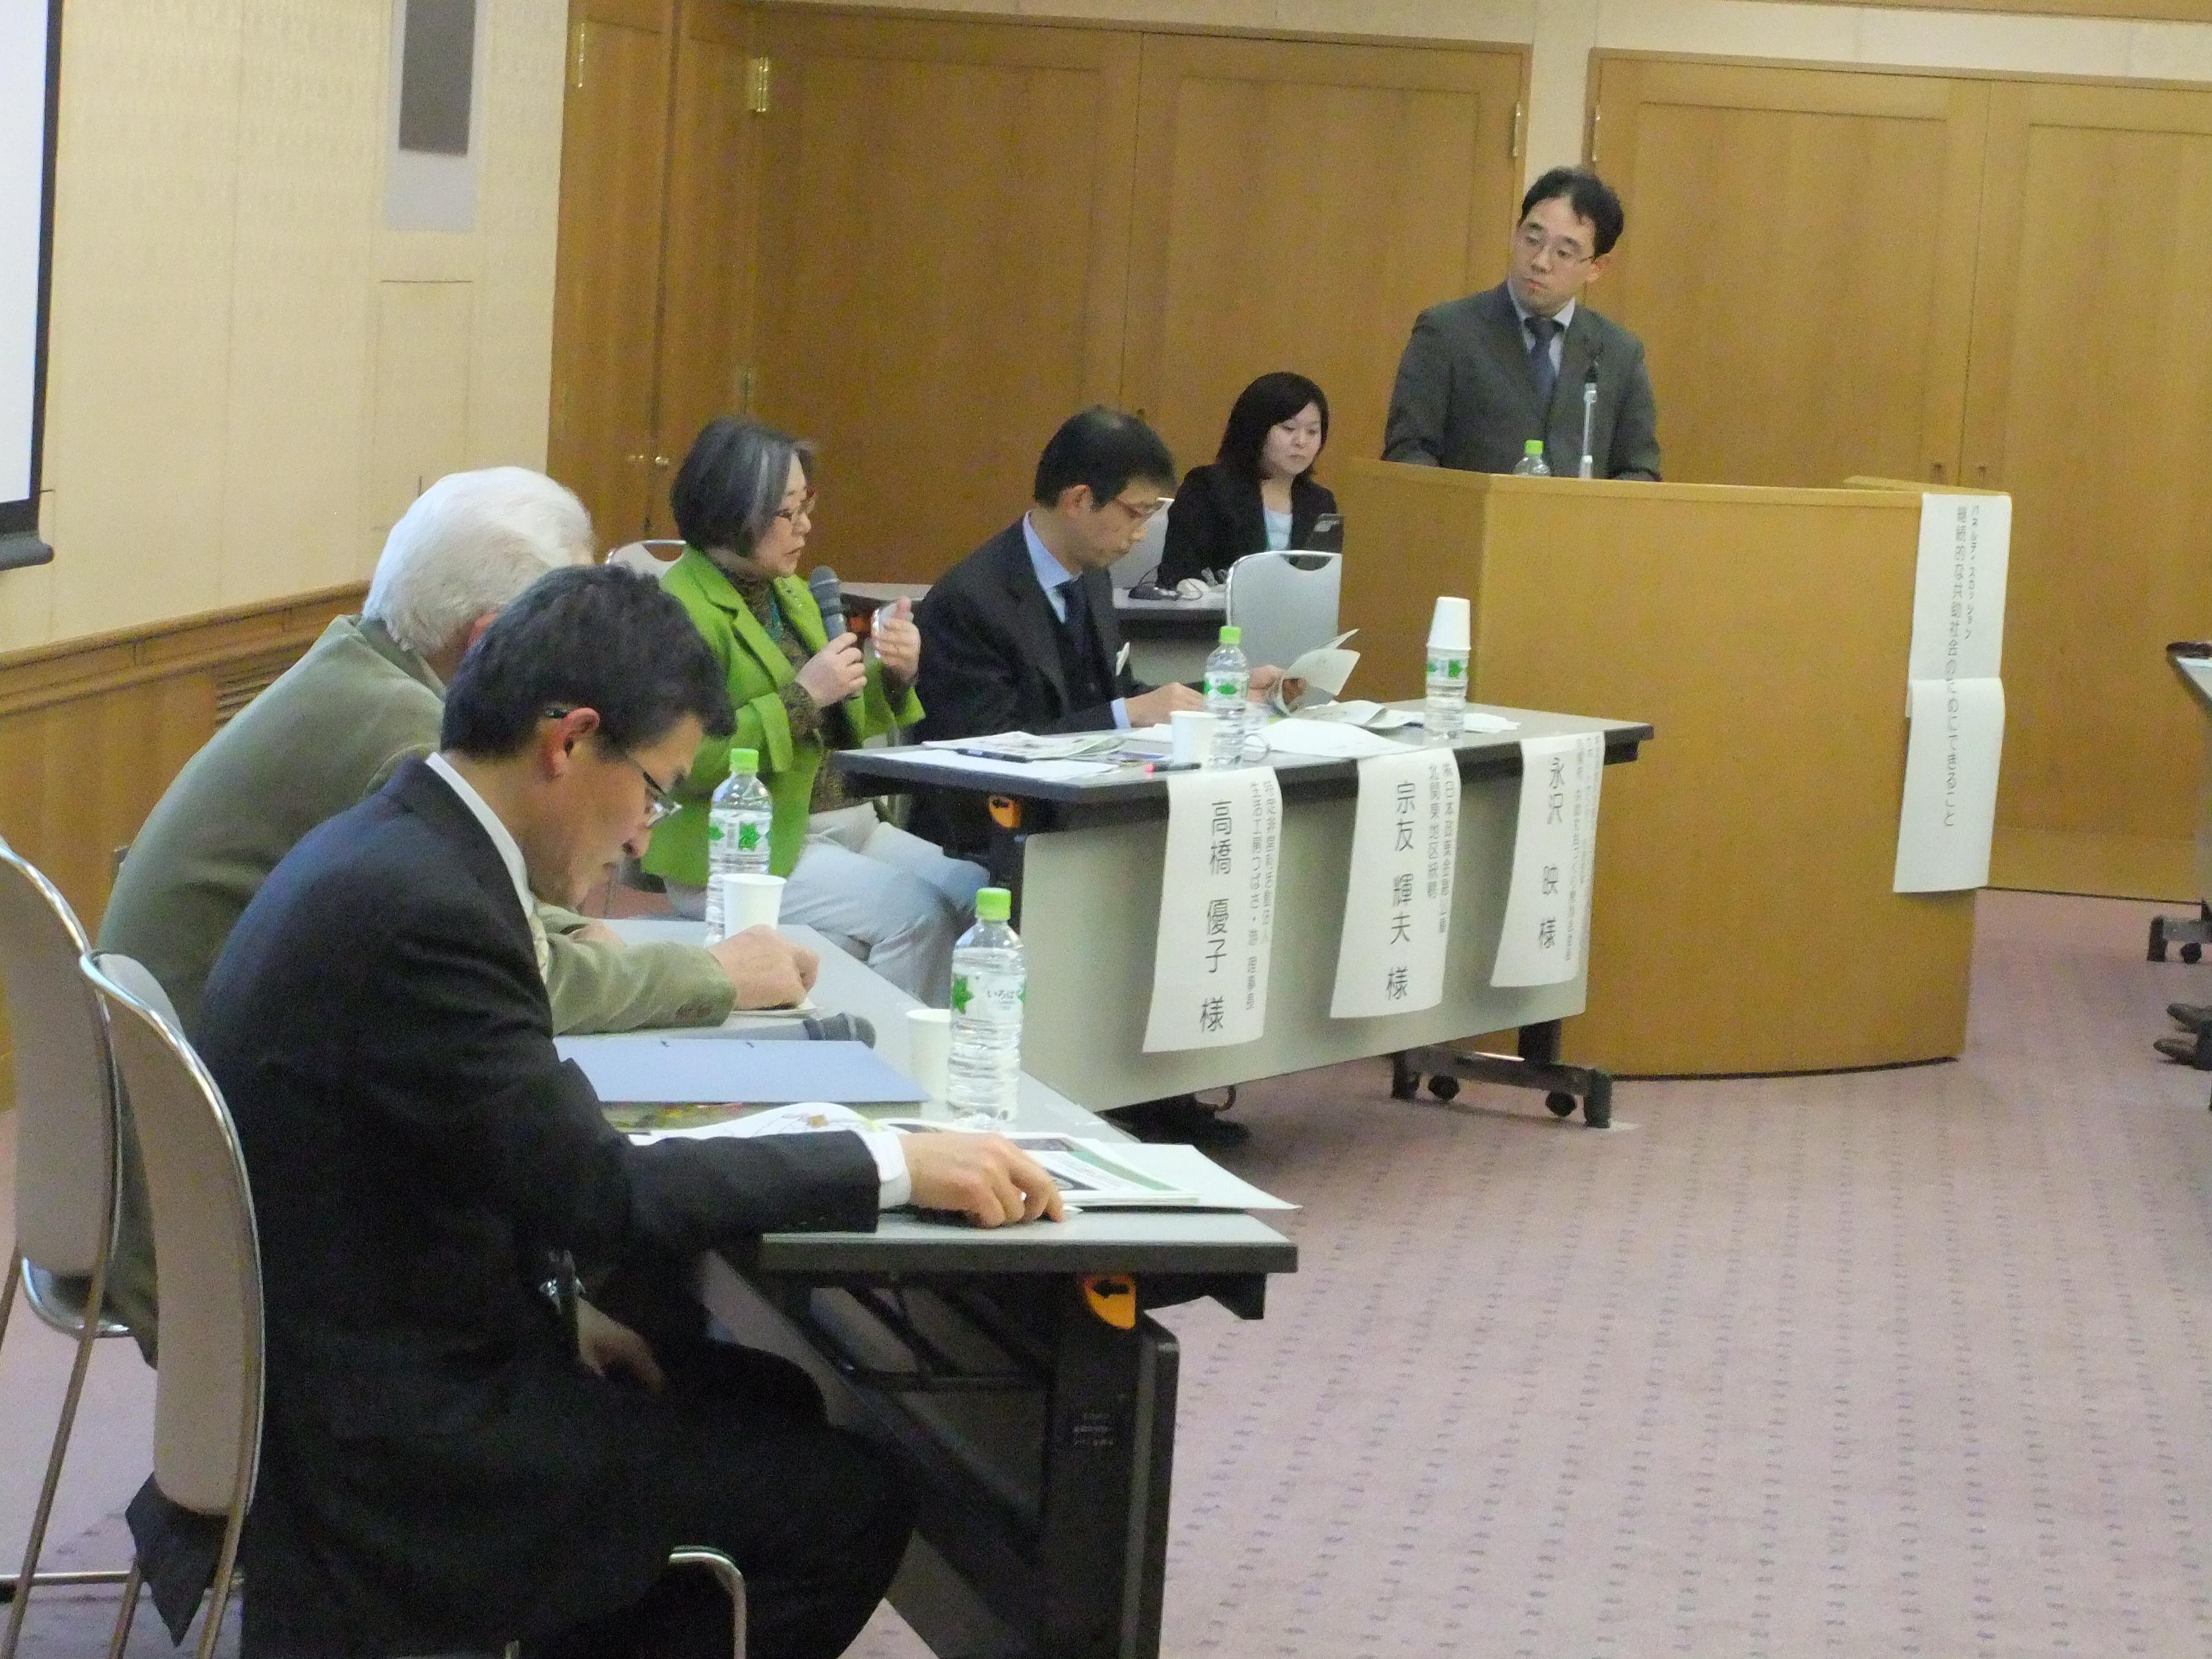 平成27年度地方共助社会づくり懇談会 in 埼玉 当日の様子2